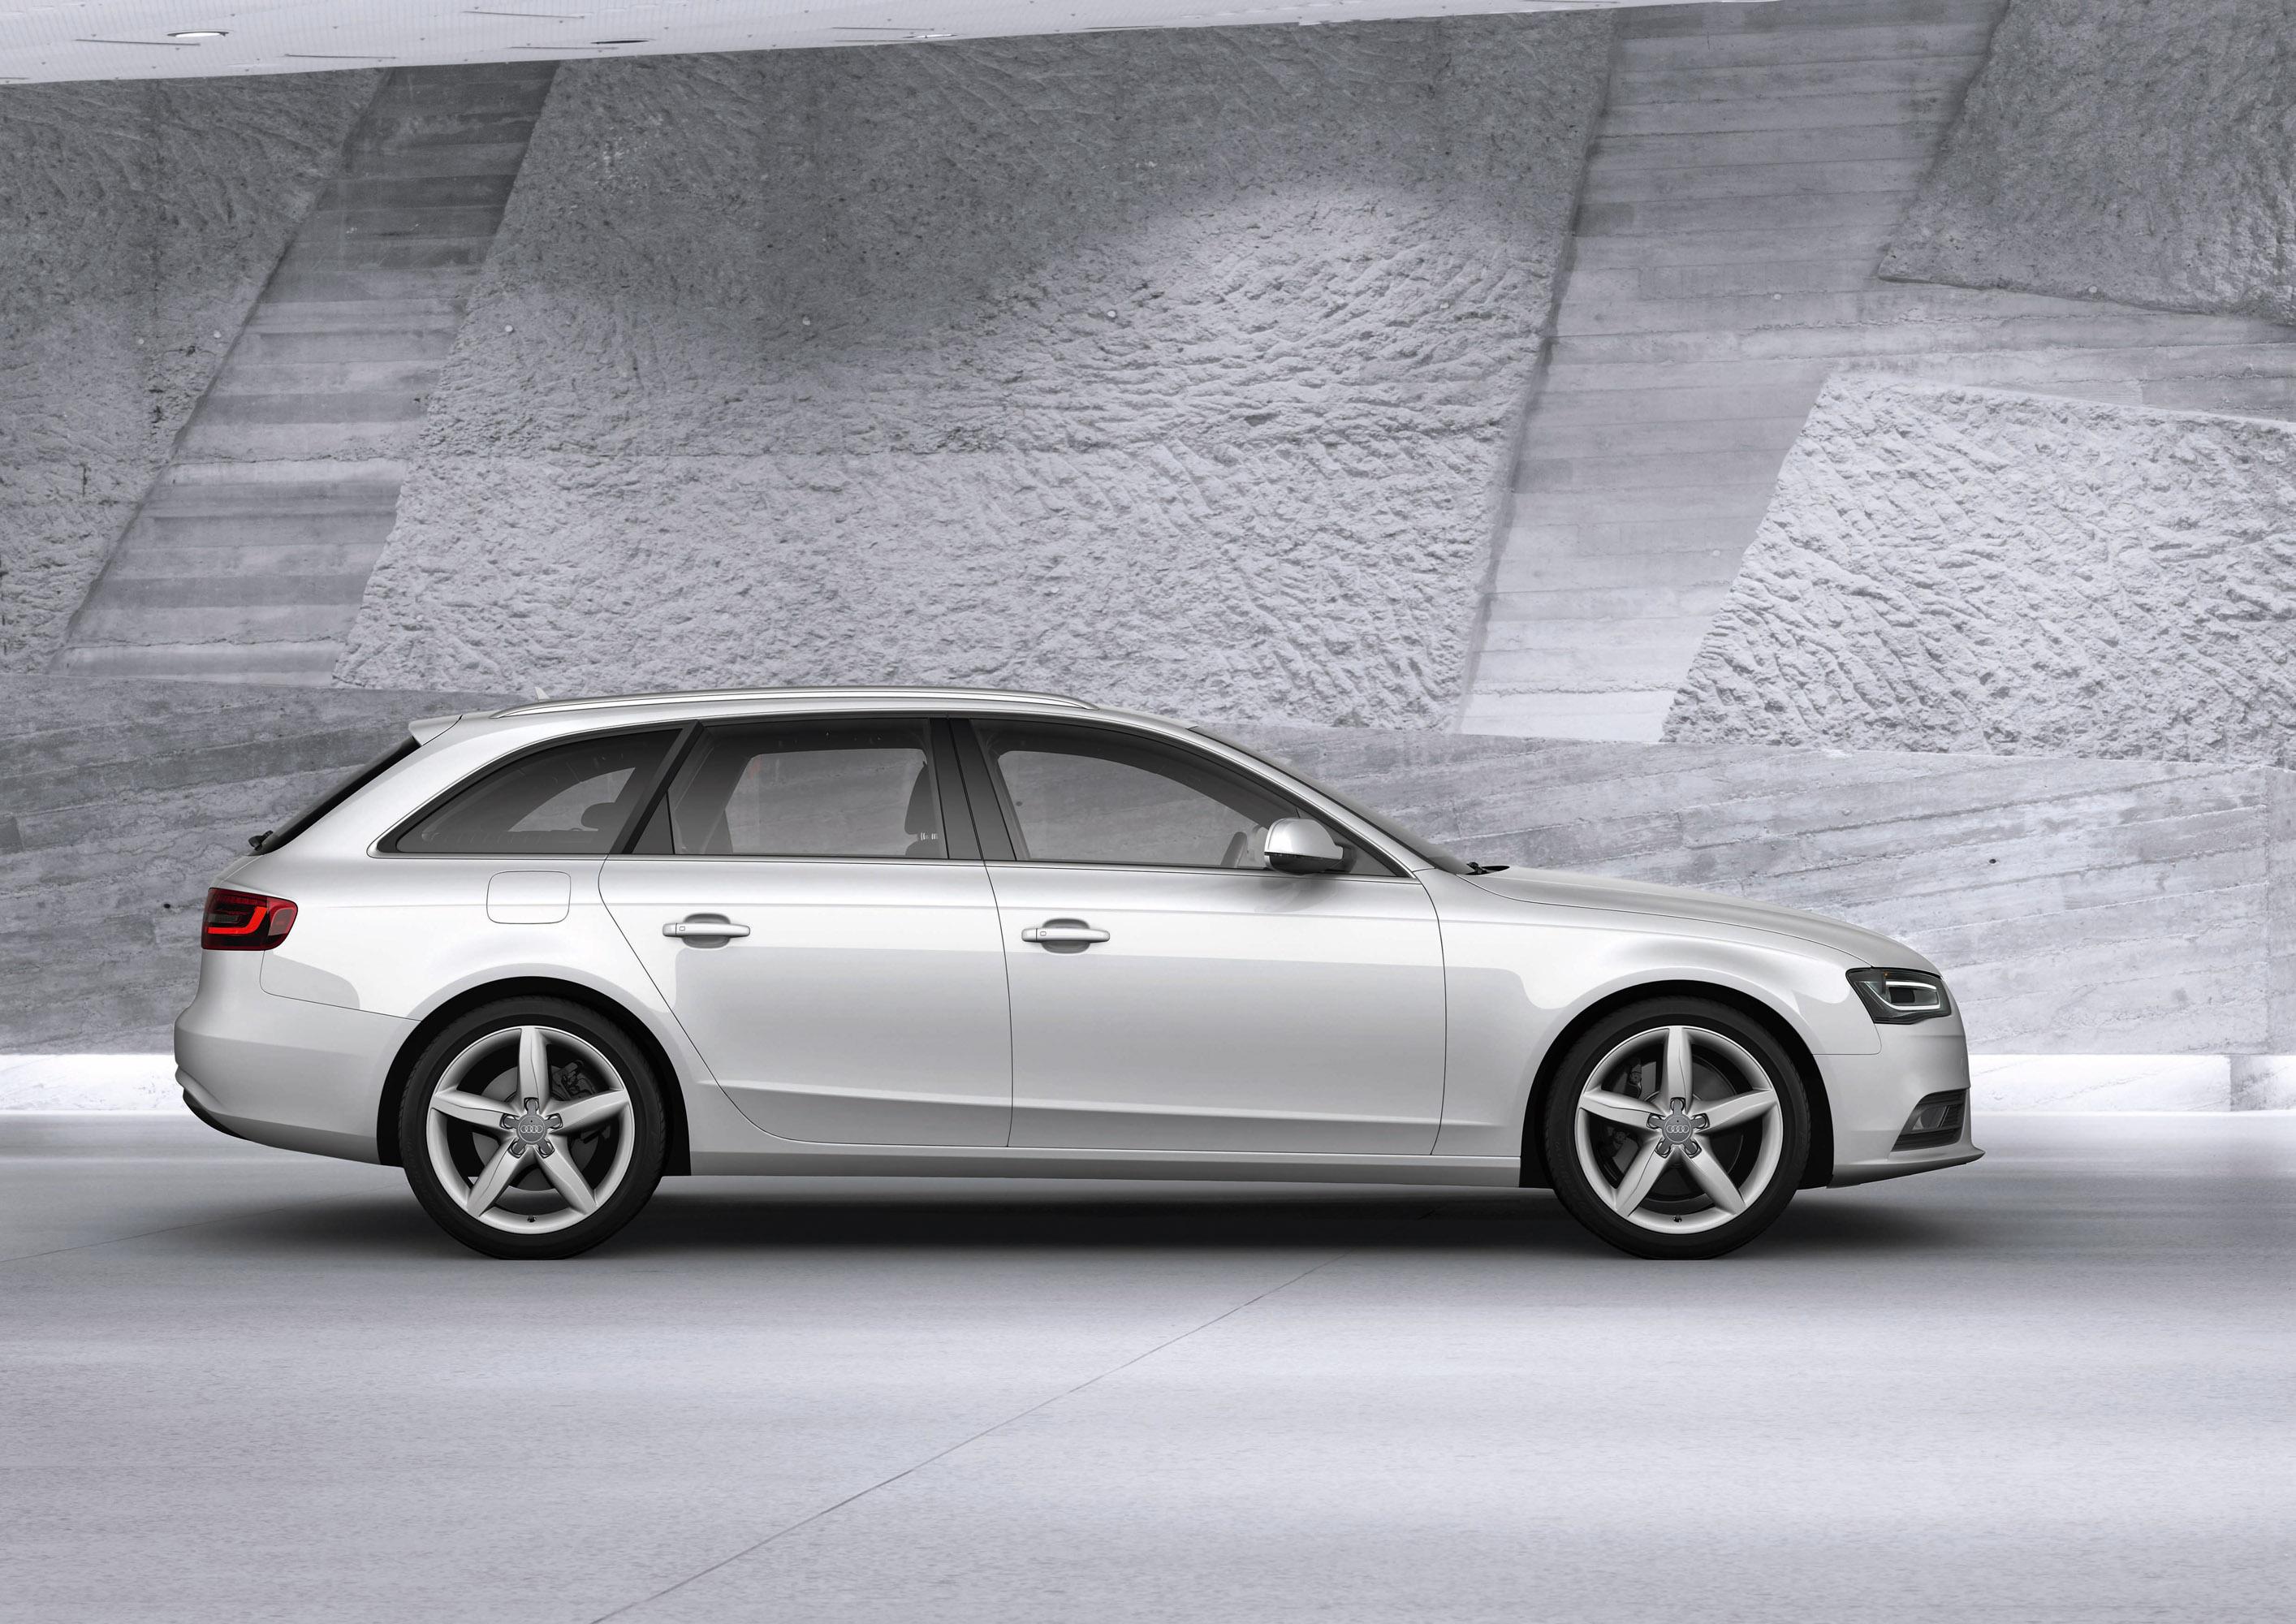 Audi a4 avant review 2012 11